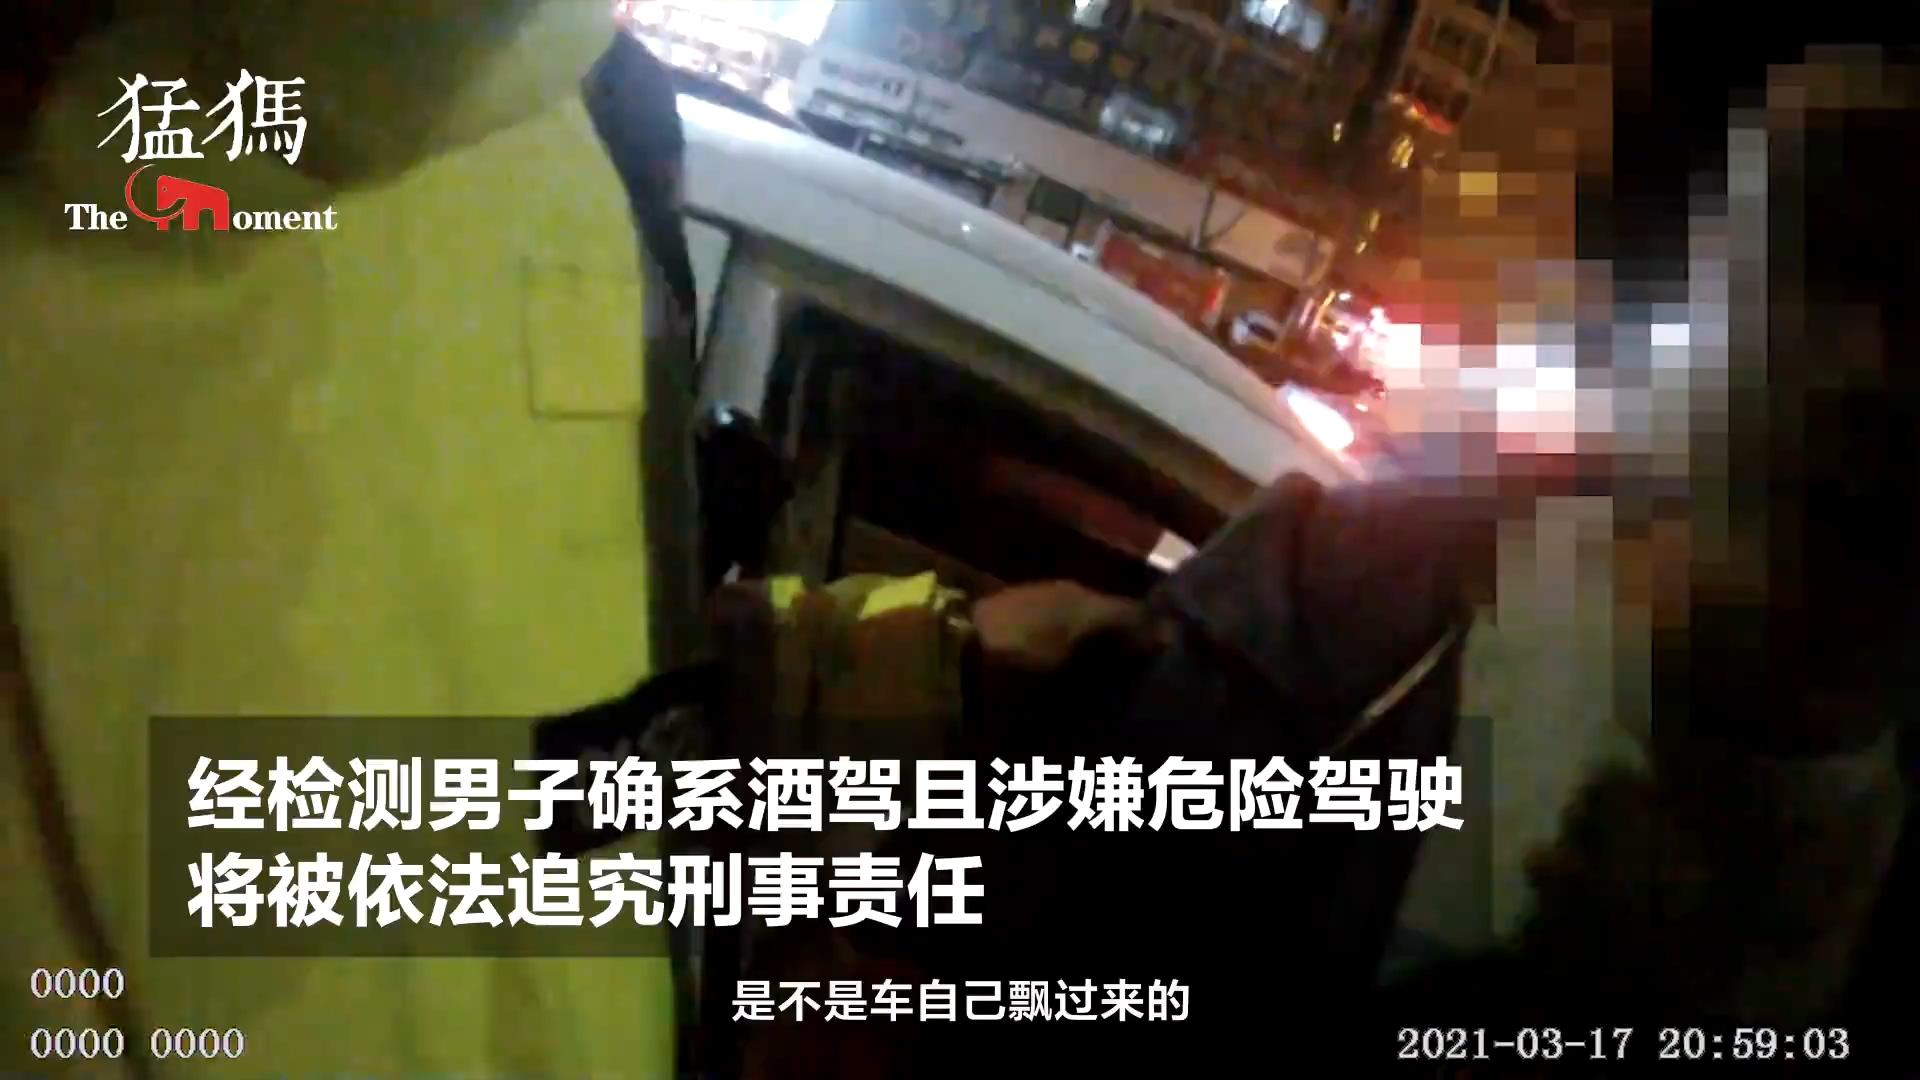 男子酒駕怕被罰等紅燈時換座